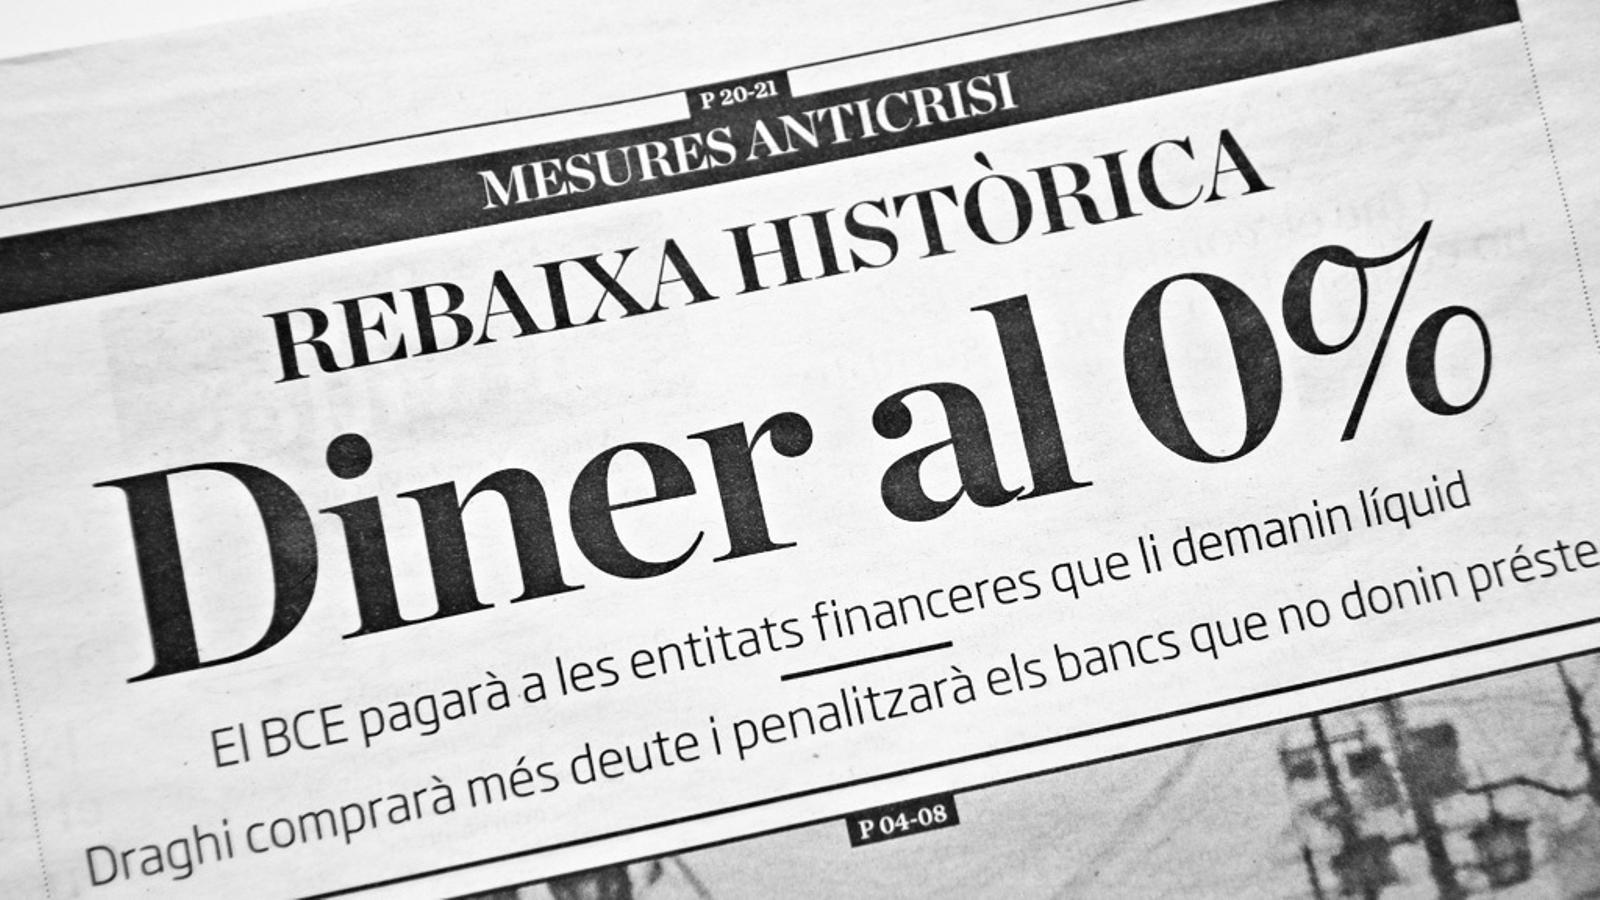 L'editorial d'Antoni Bassas: L'estrany cas del diner al  0%